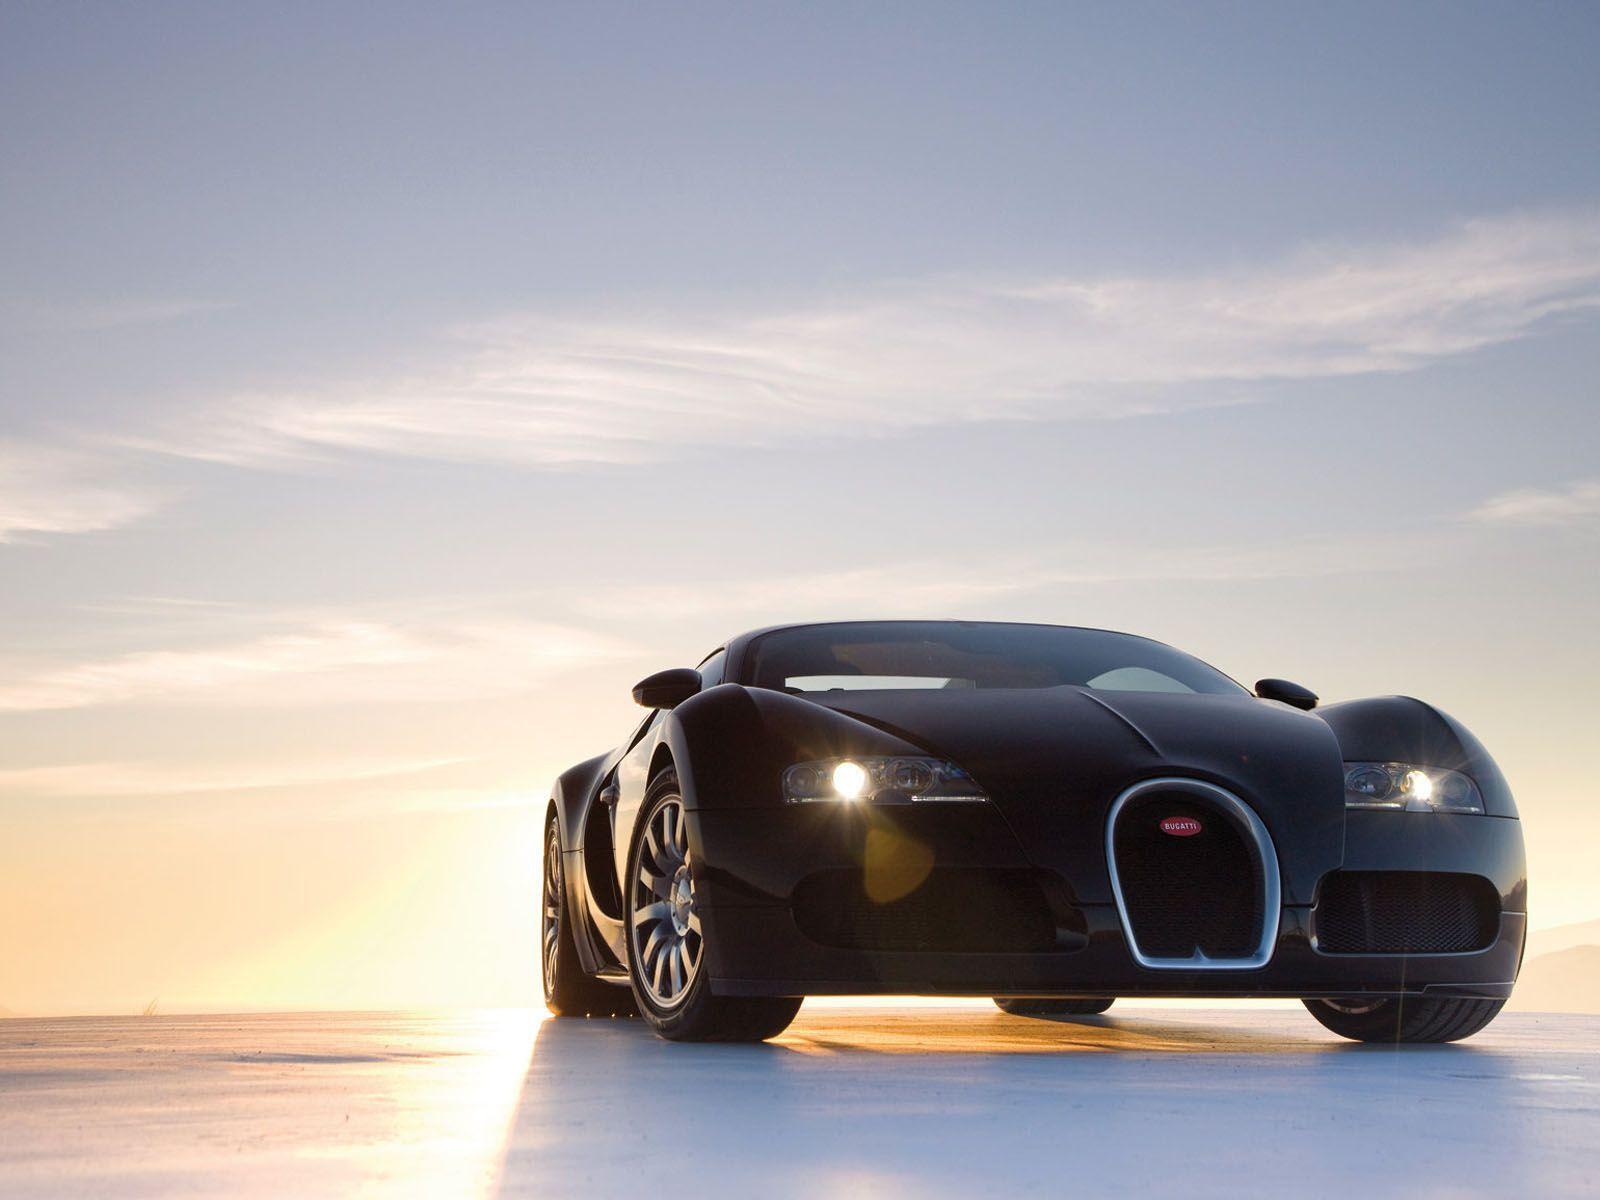 Black Bugatti Veyron Wallpaper Wallpaper Bugatti Veyron Cars Bugatti Veyron Bugatti Cars